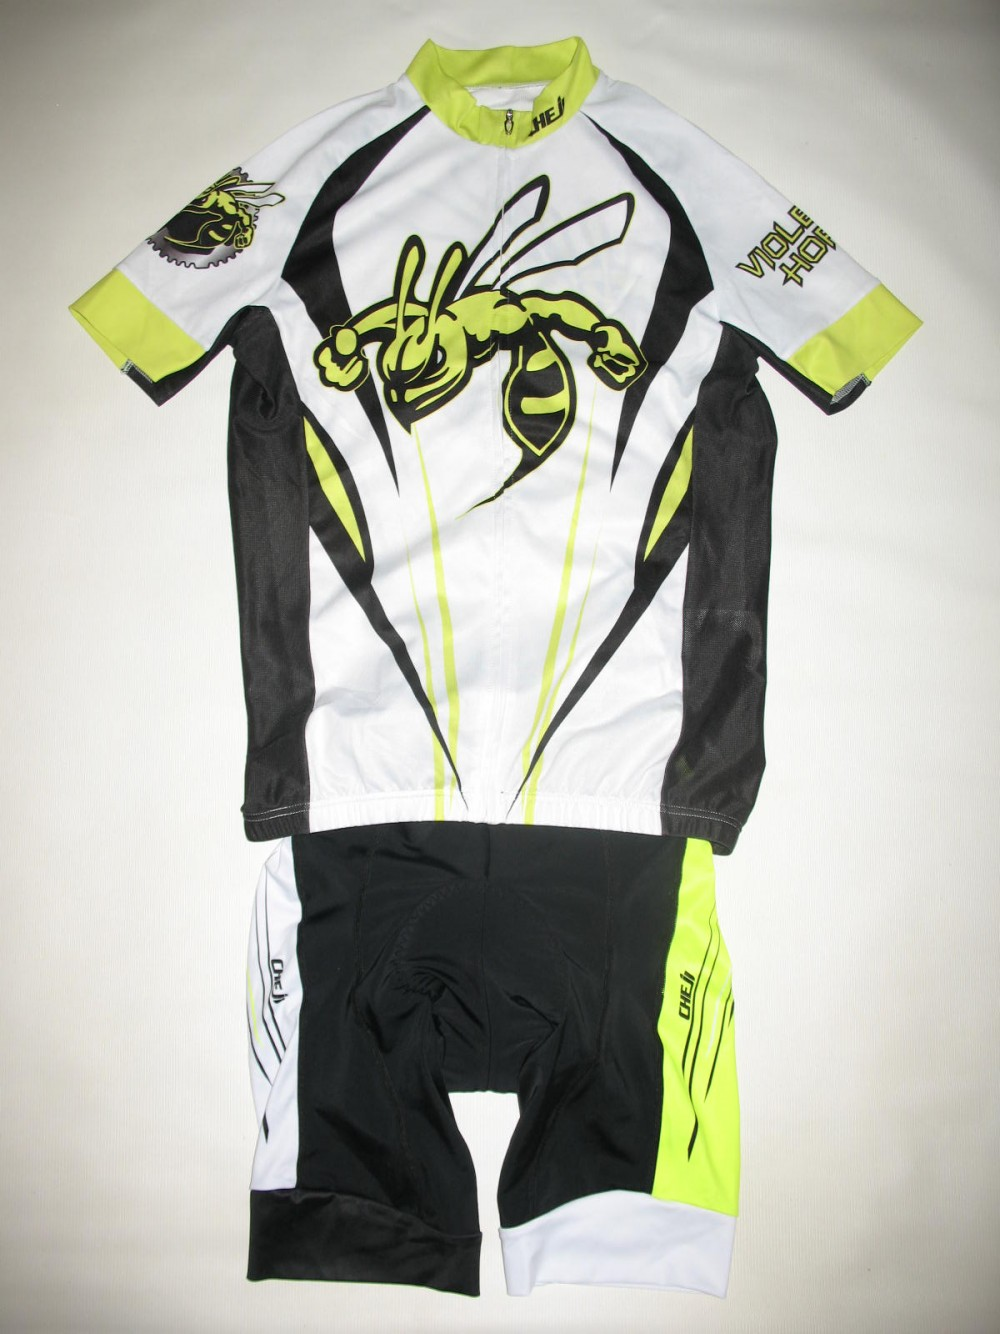 Велокомплект CHEJI violence hornet jersey+shorts (размер L(реально М(на +-180 см))) - 3